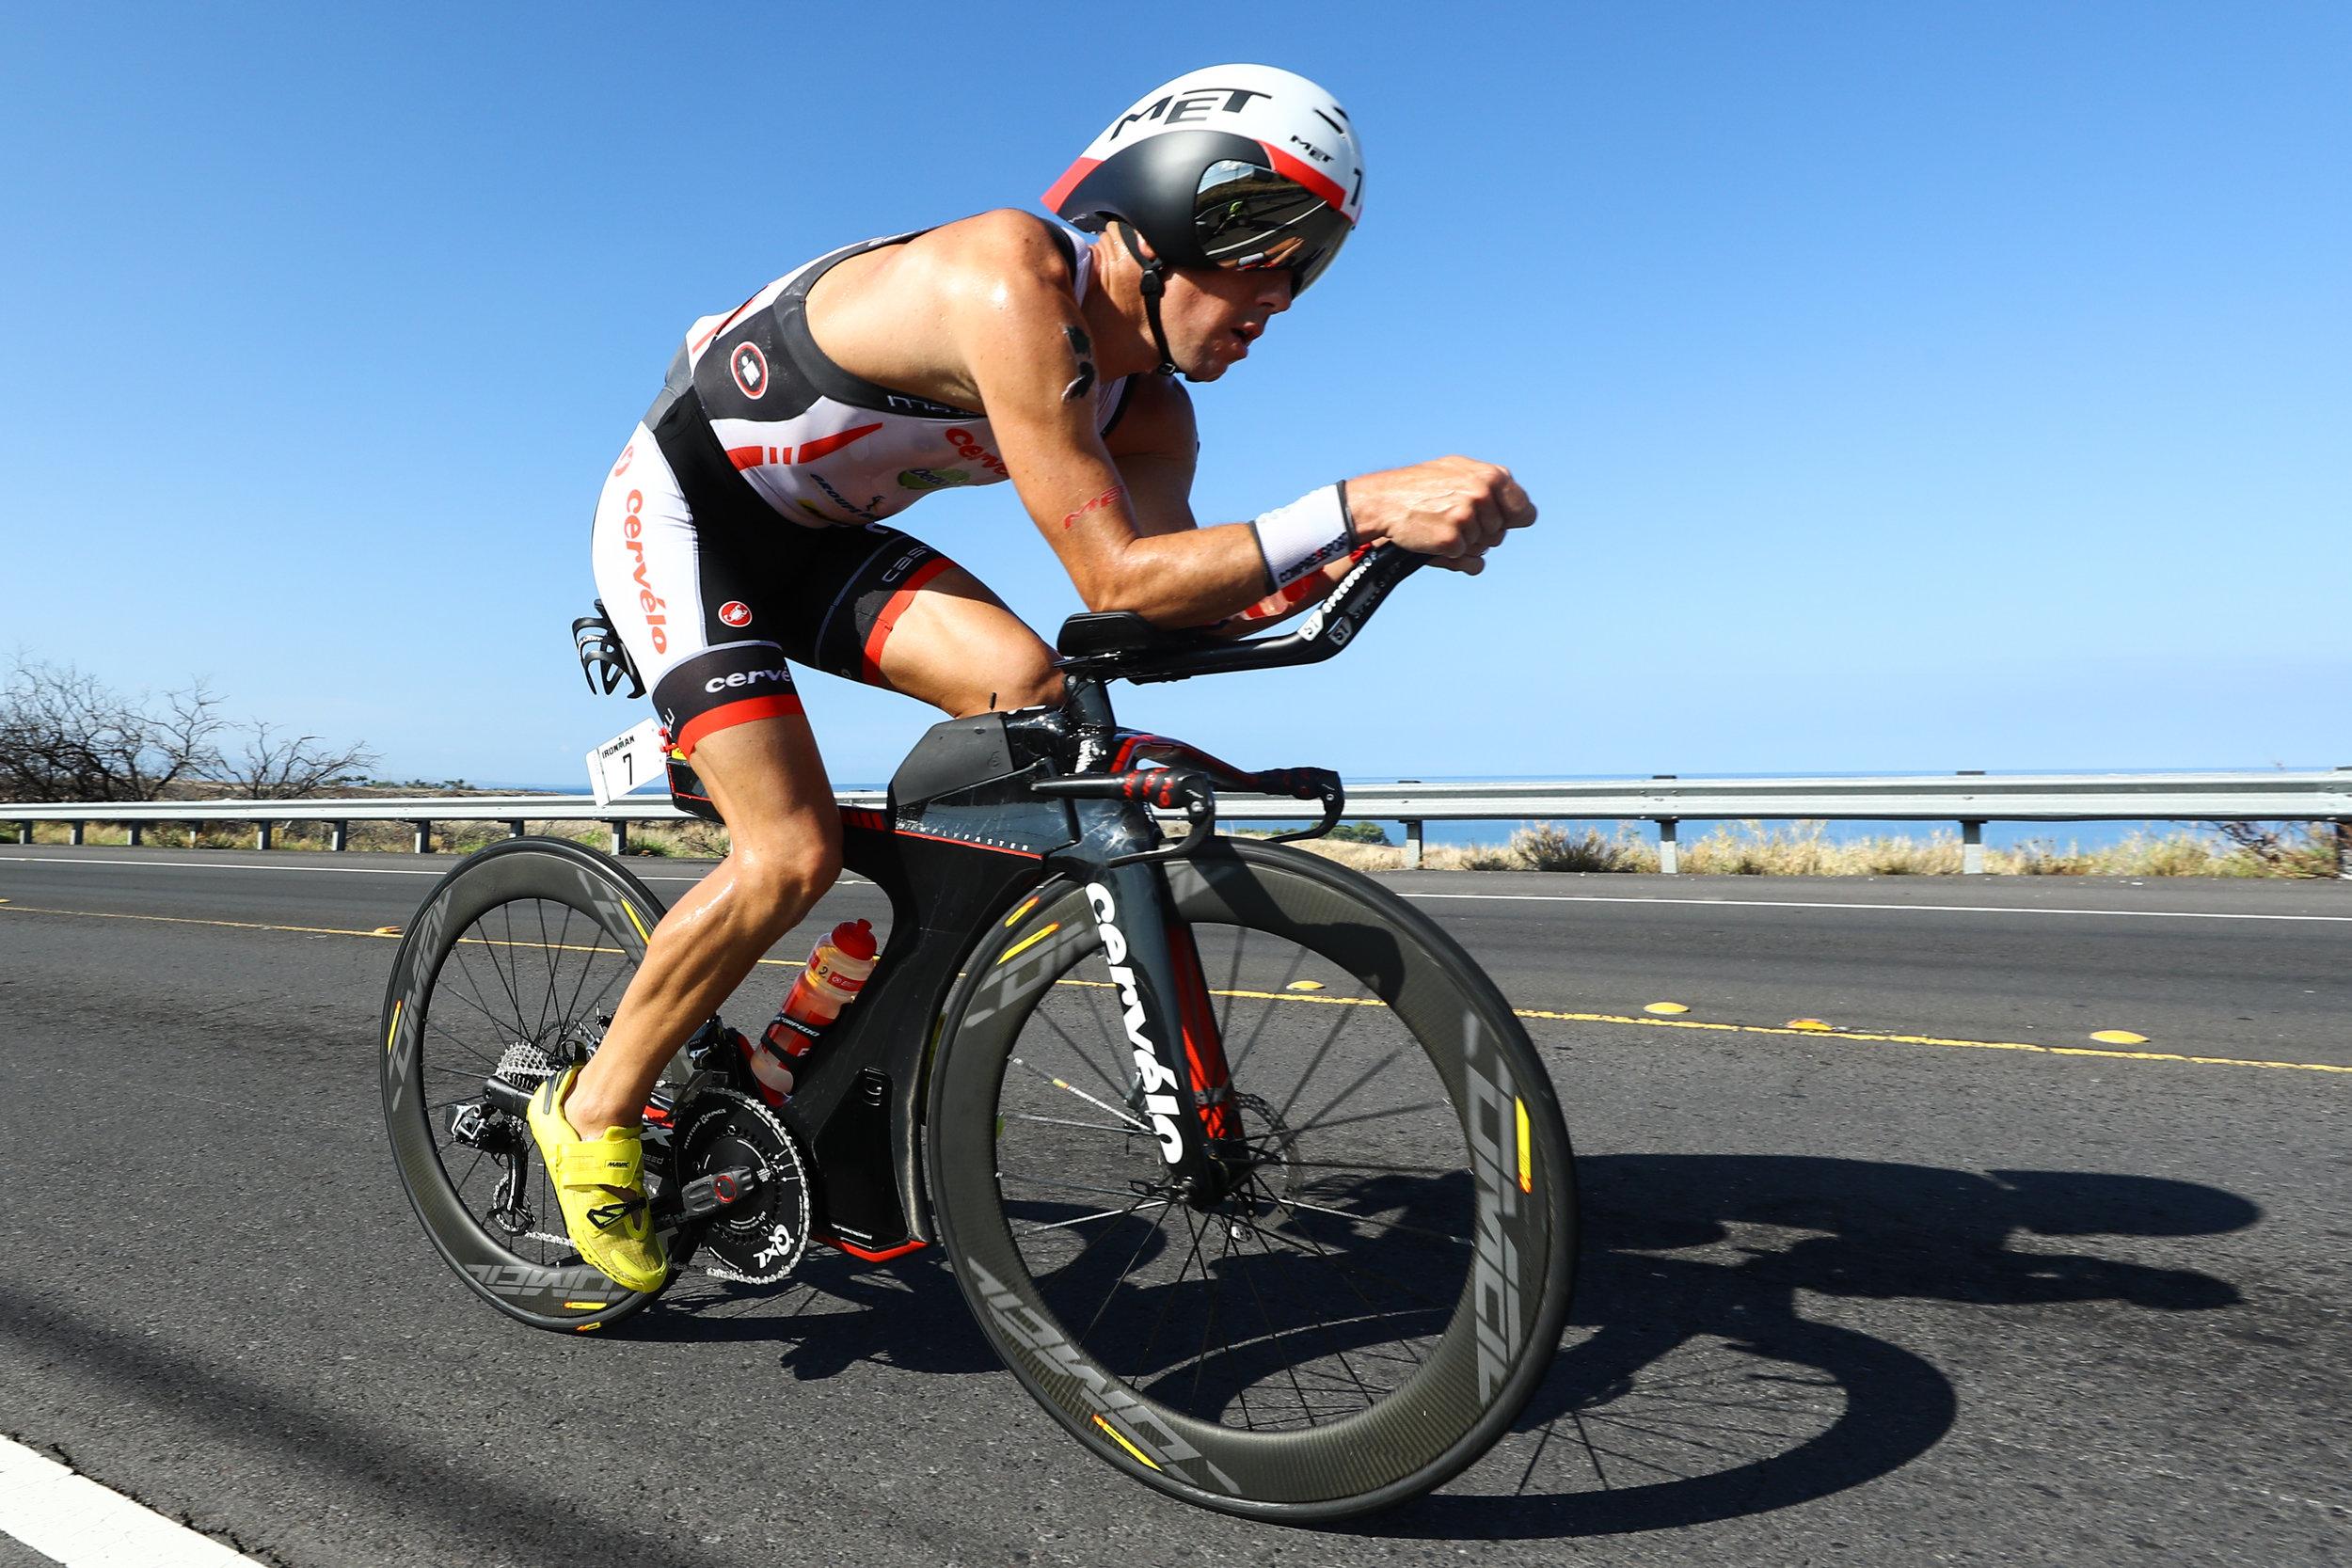 Ironman Hawaii. Photographer: David Pintens.